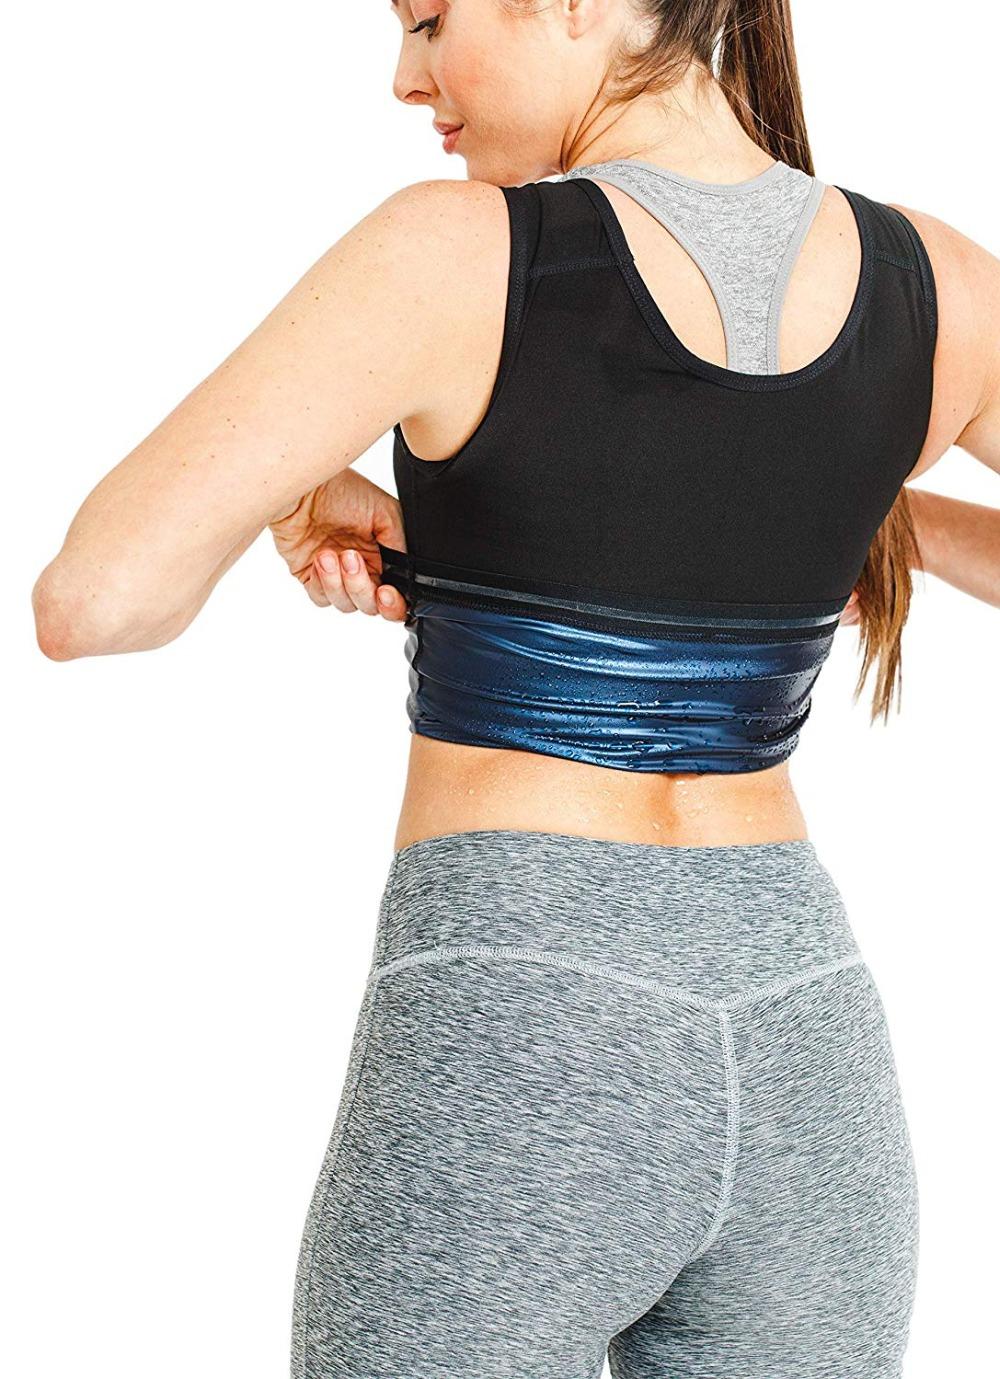 CXZD Sweat Shaper Vest for Men Women Slimming Belt Belly Slimming Vest Body Shaper Fat Burning Shaperwear Waist Traine Waist Sweat Corset (3)